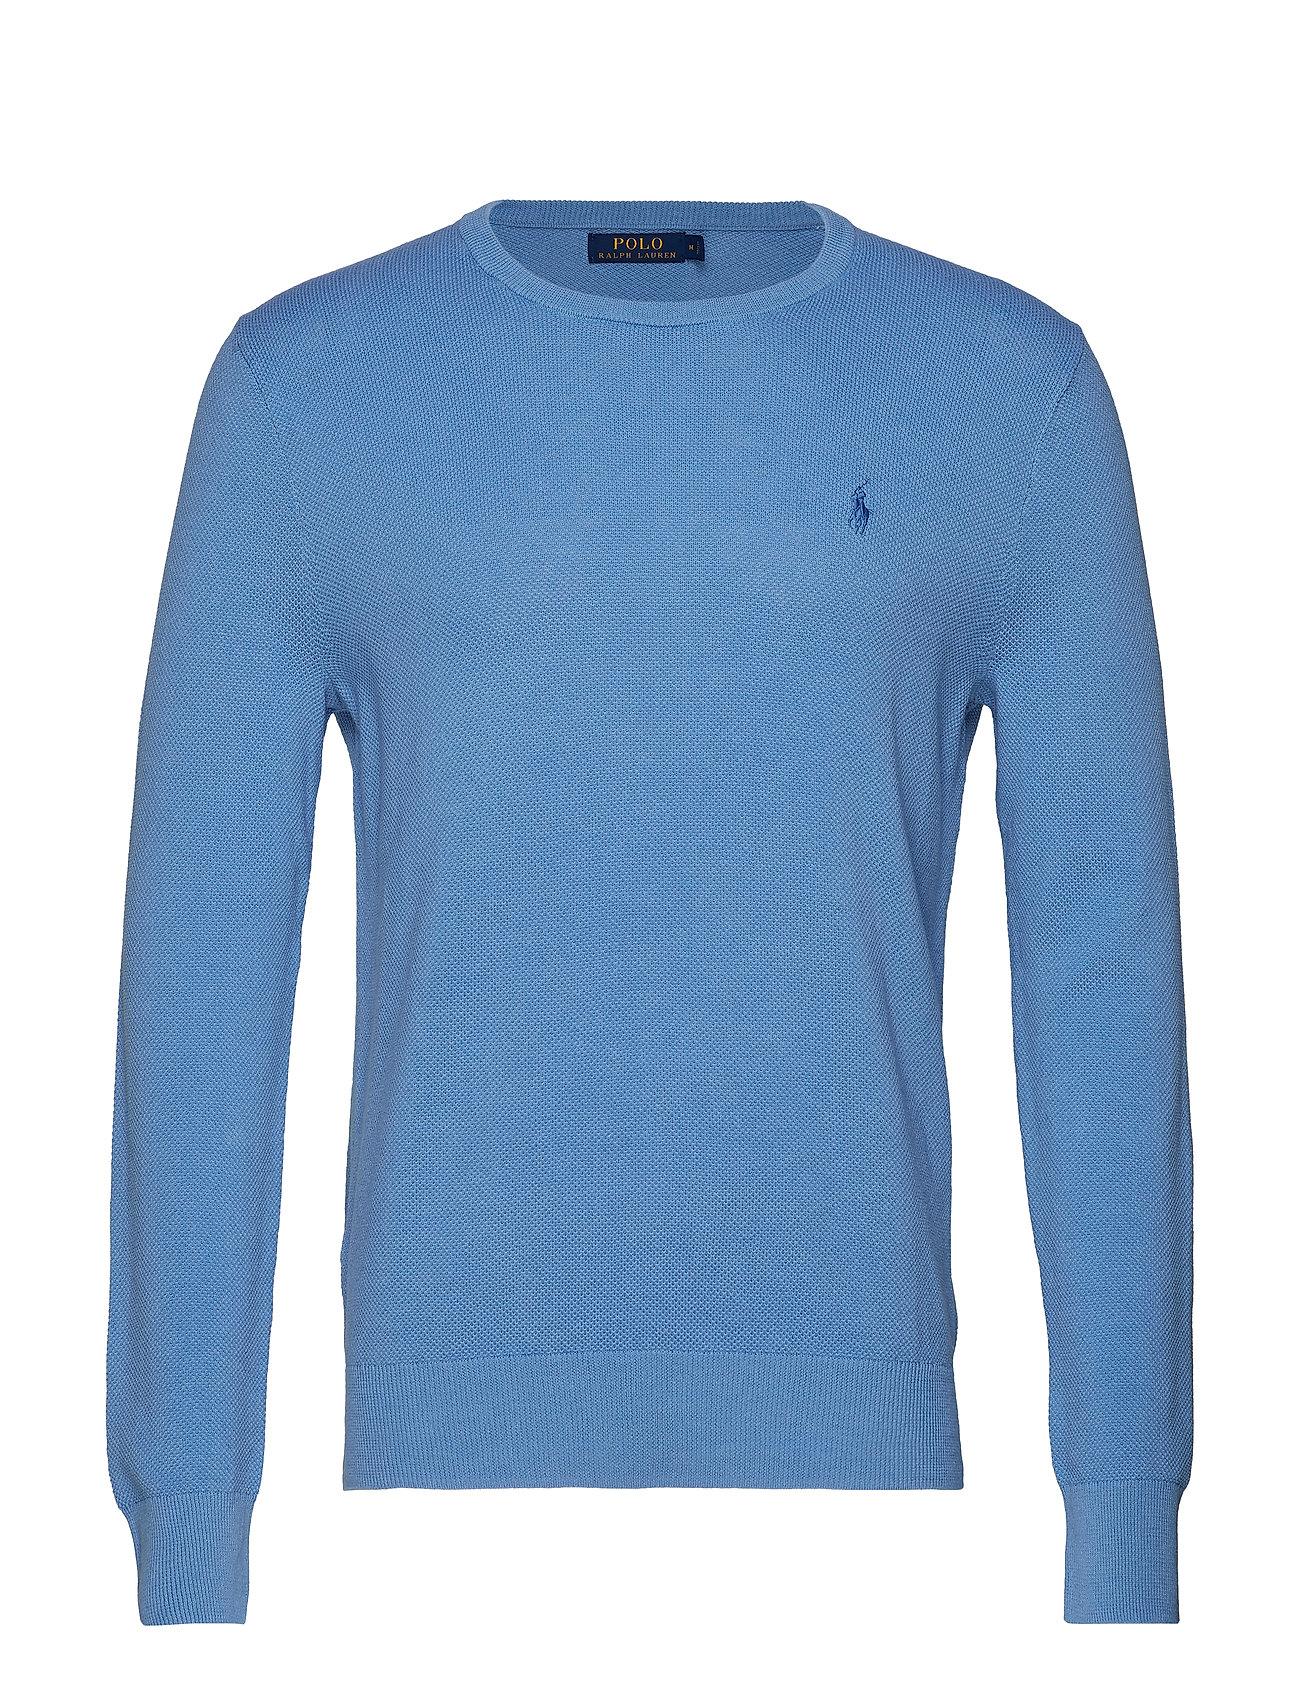 Polo Ralph Lauren LS CN PP-LONG SLEEVE-SWEATER - NANTUCKET BLUE